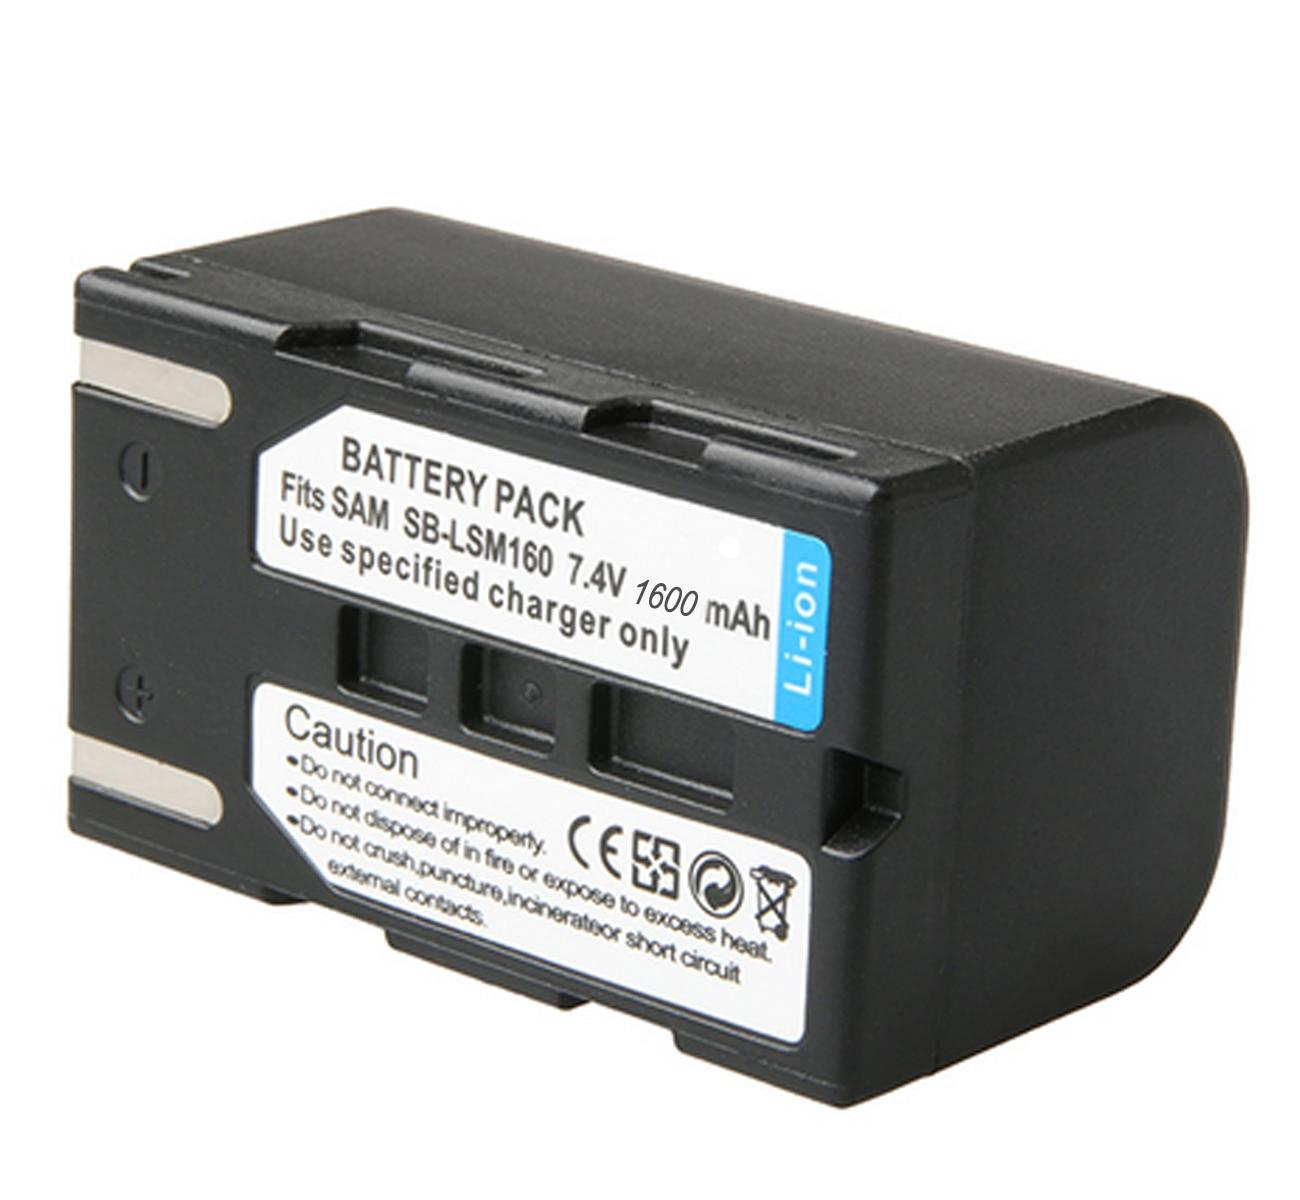 VP-D975W VP-D975Wi Digital Camcorder Battery Pack for Samsung VP-D965W VP-D965Wi